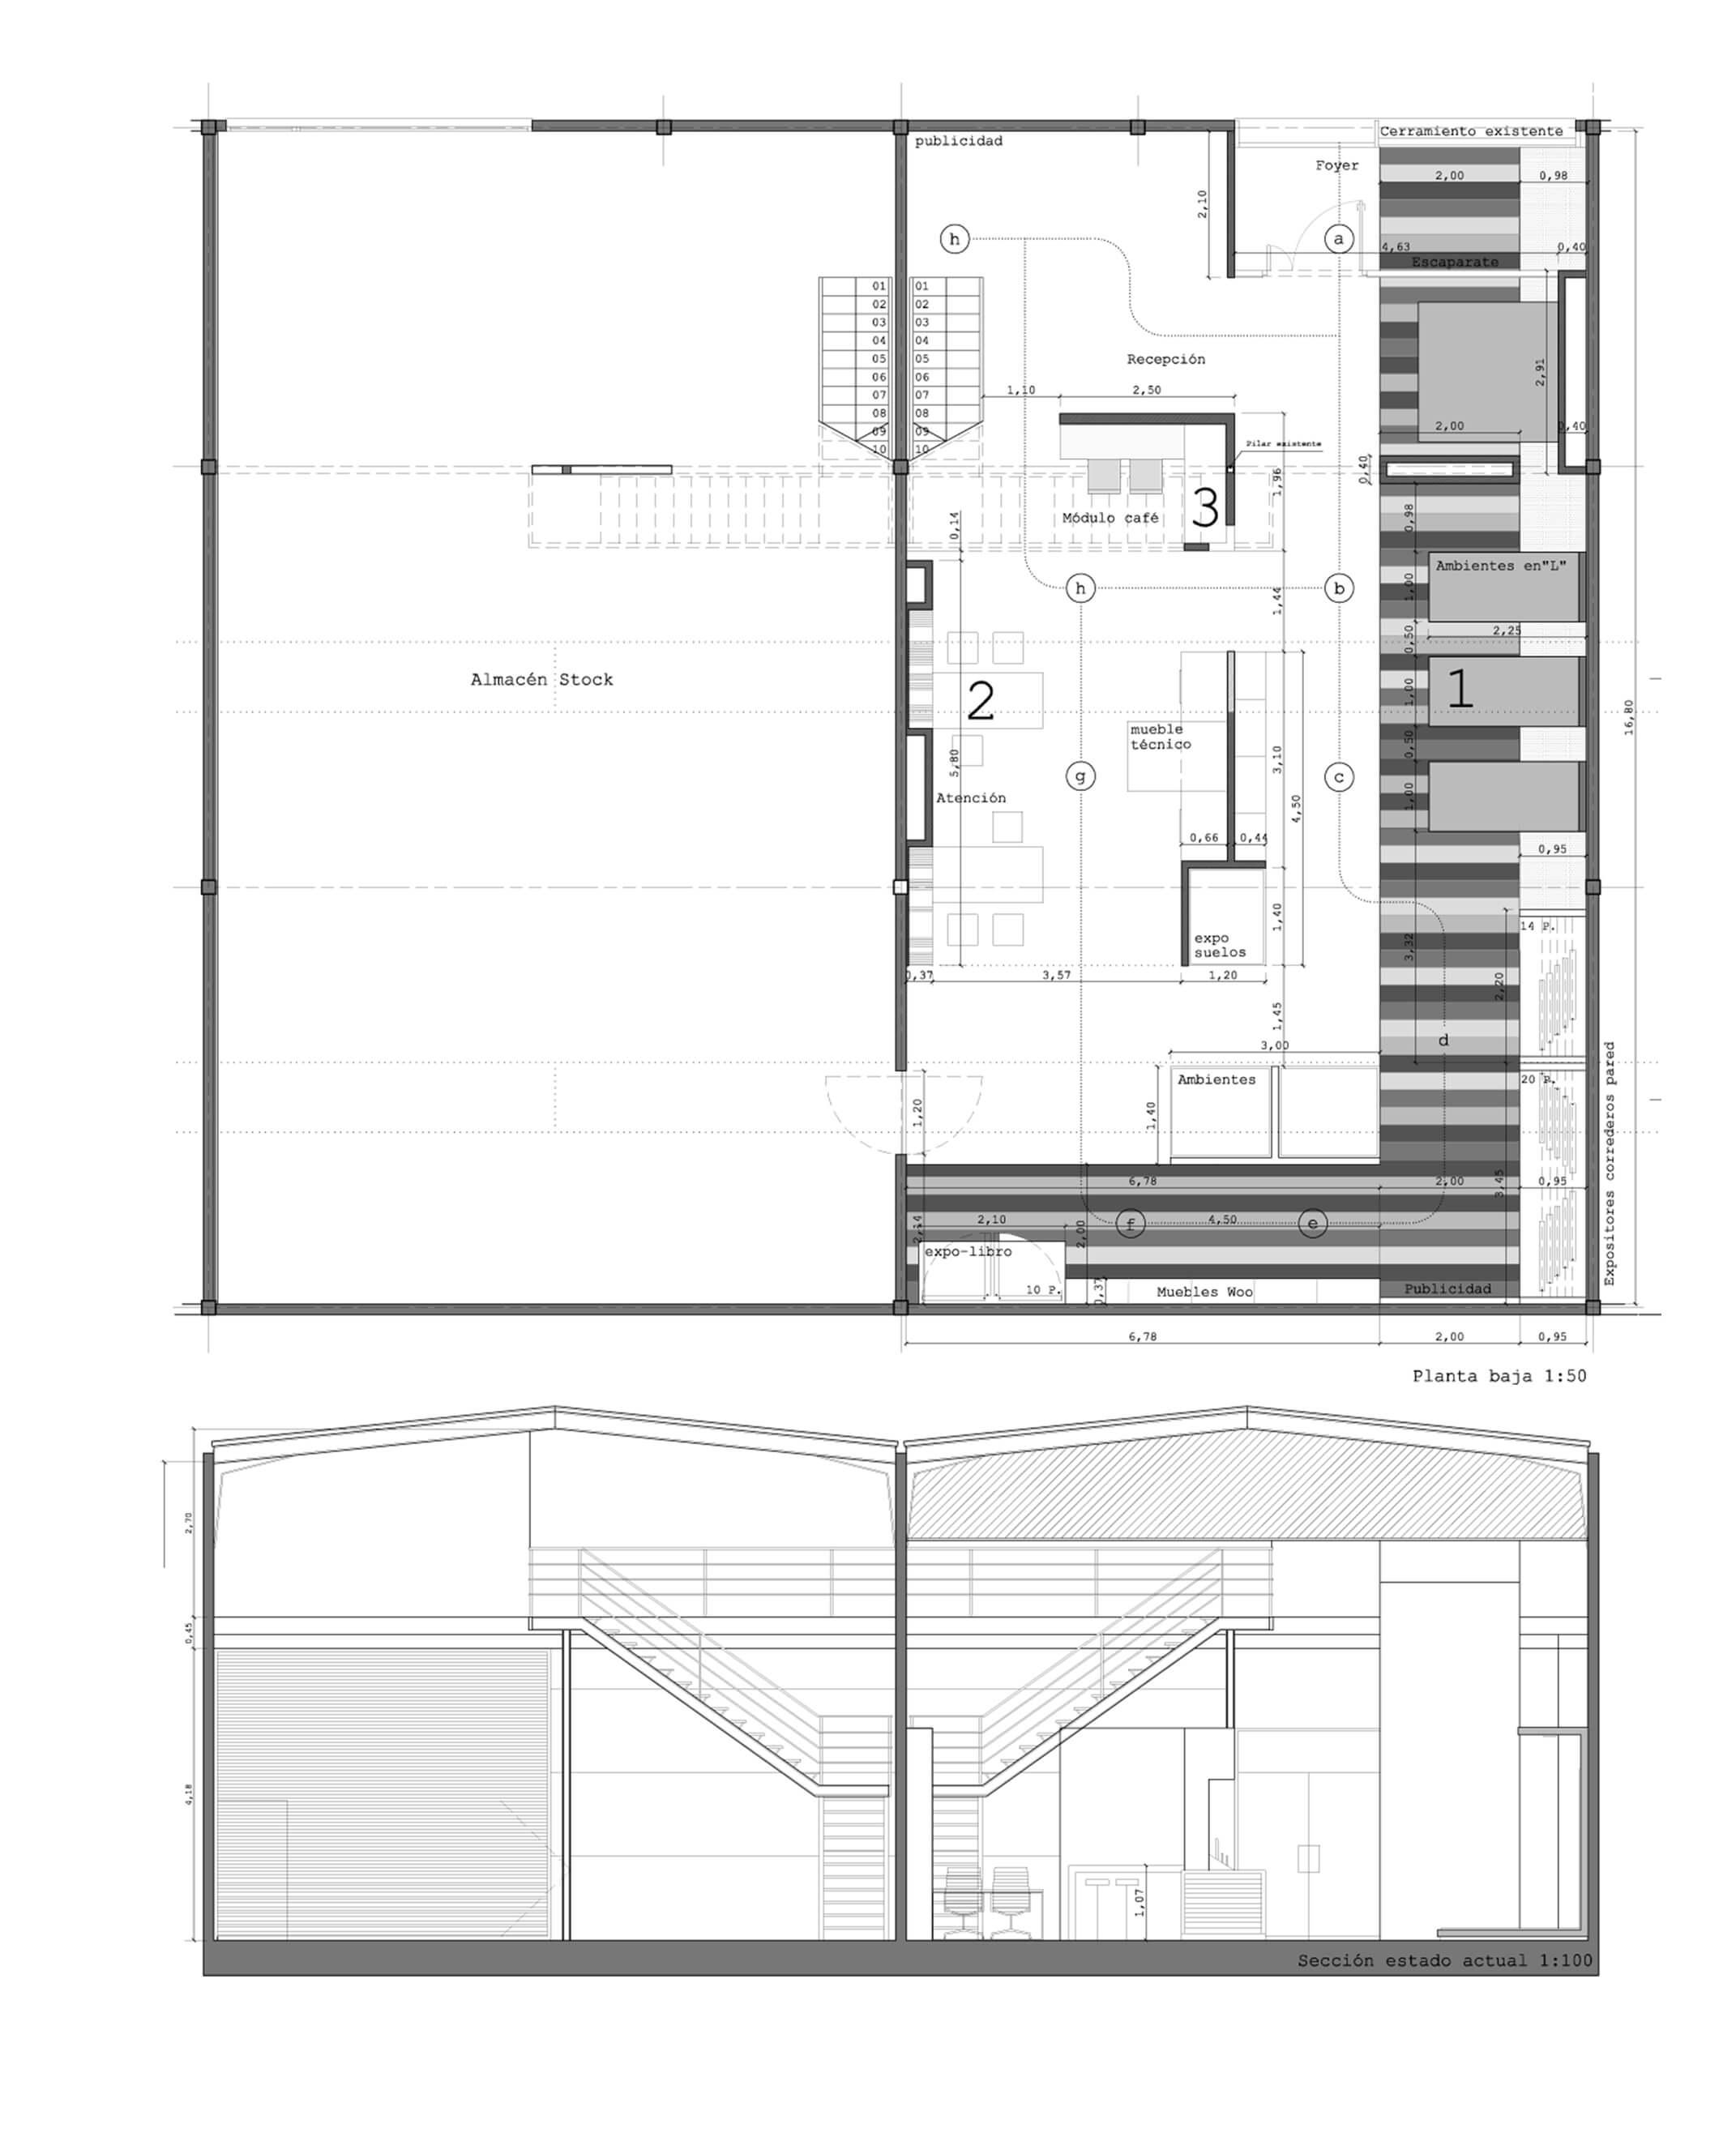 Showroom materiales construcción